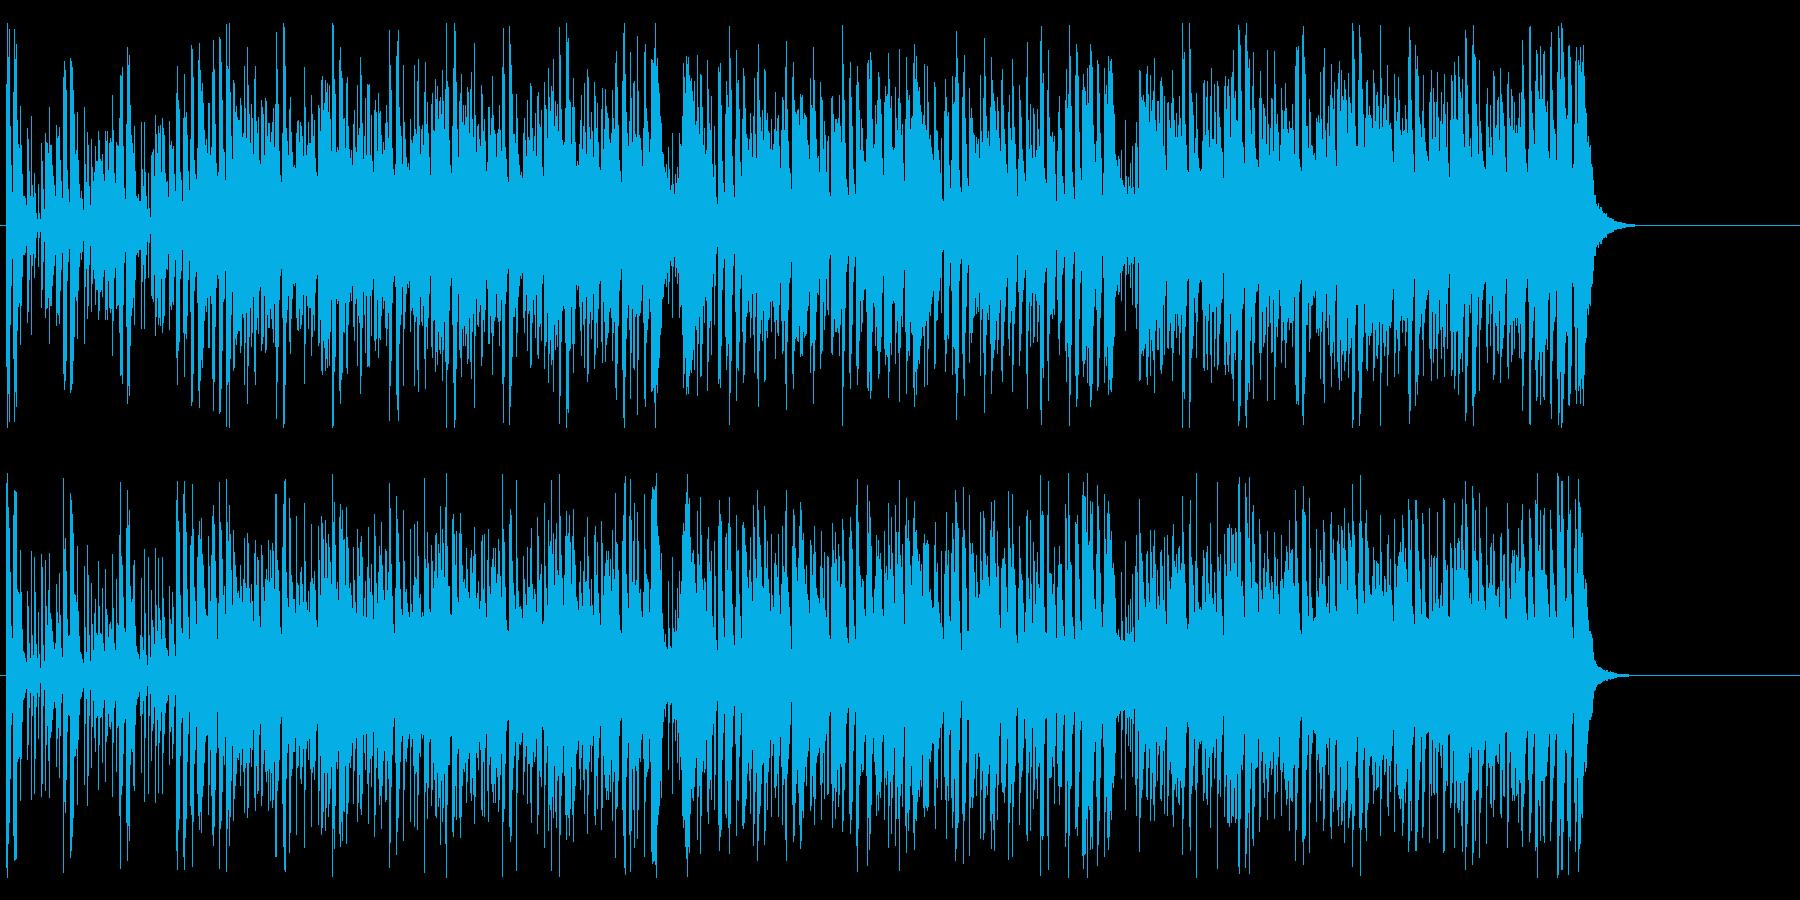 にぎやか いきいき 元気 楽しい 軽快の再生済みの波形